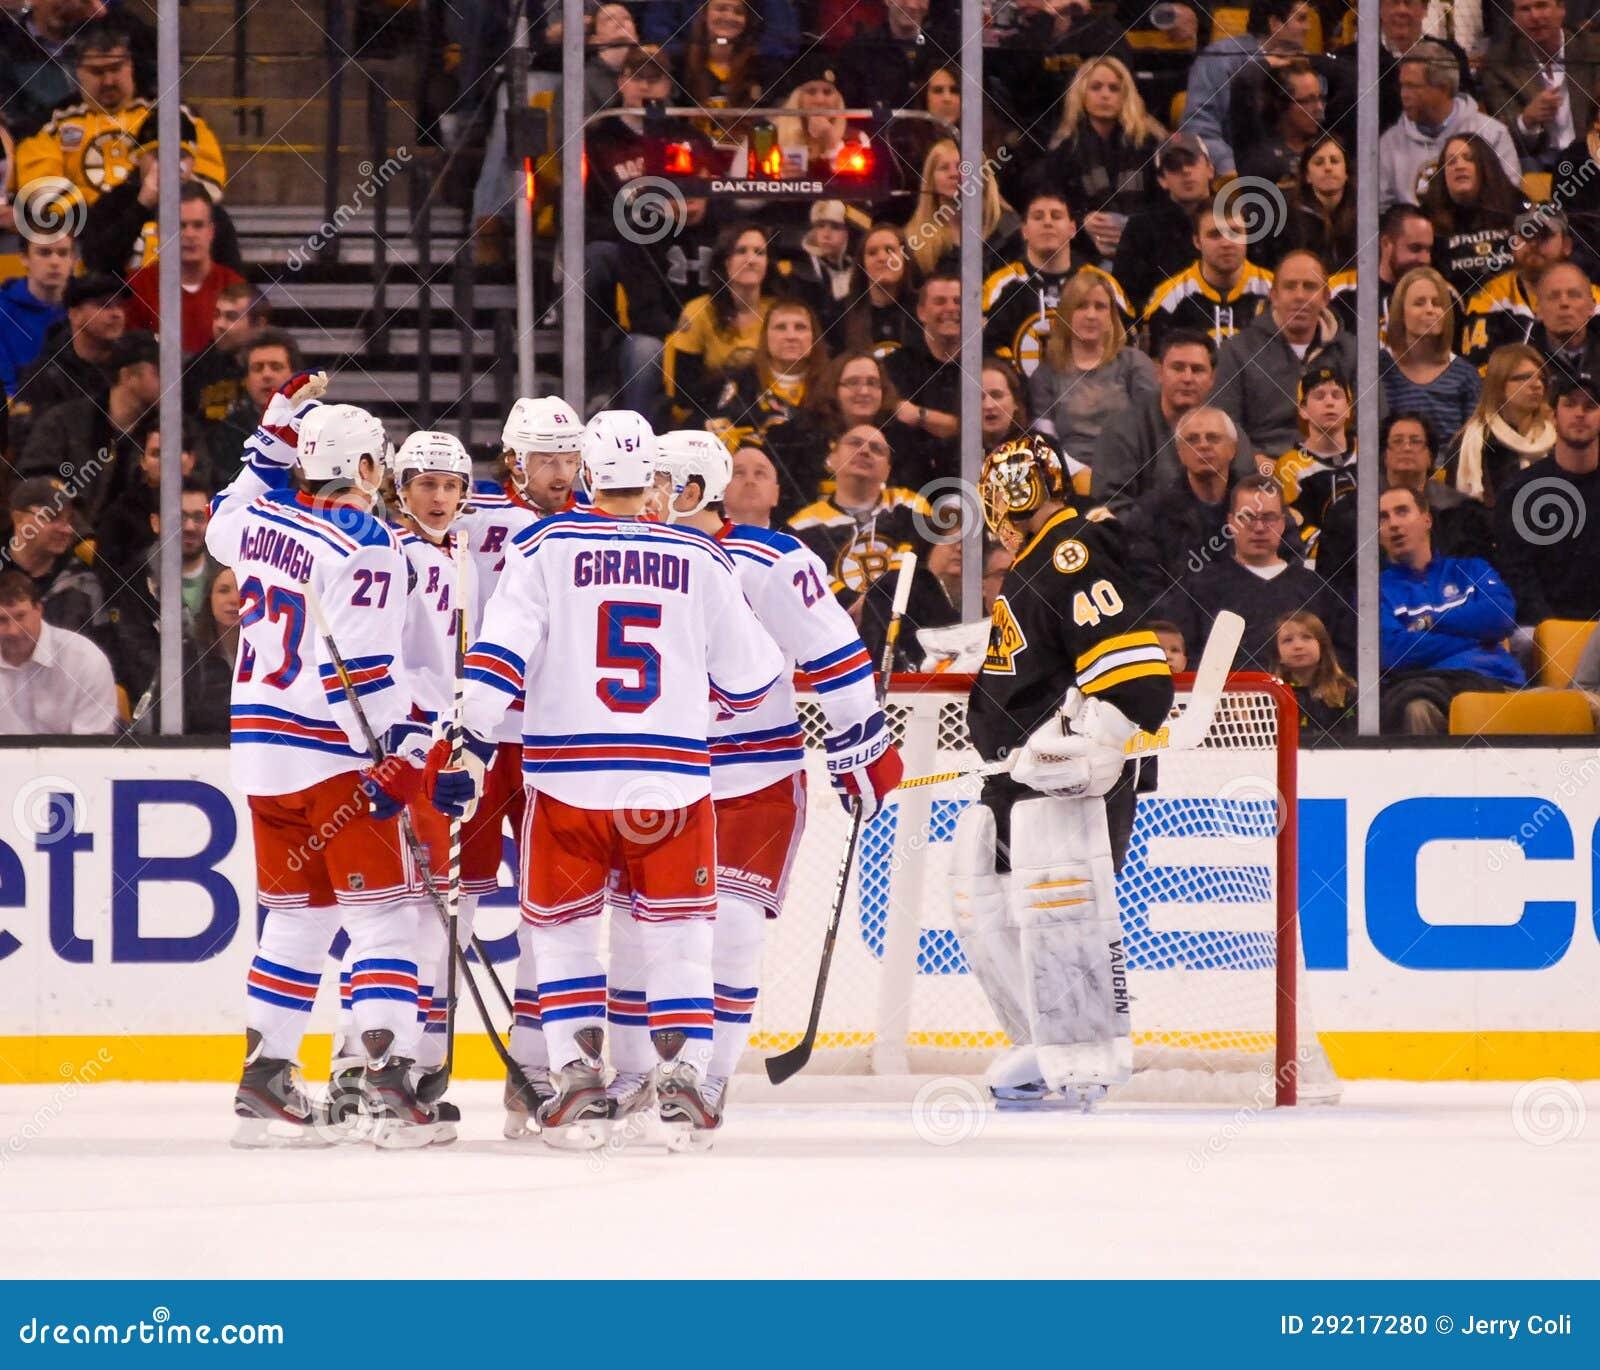 rangers score - photo #49